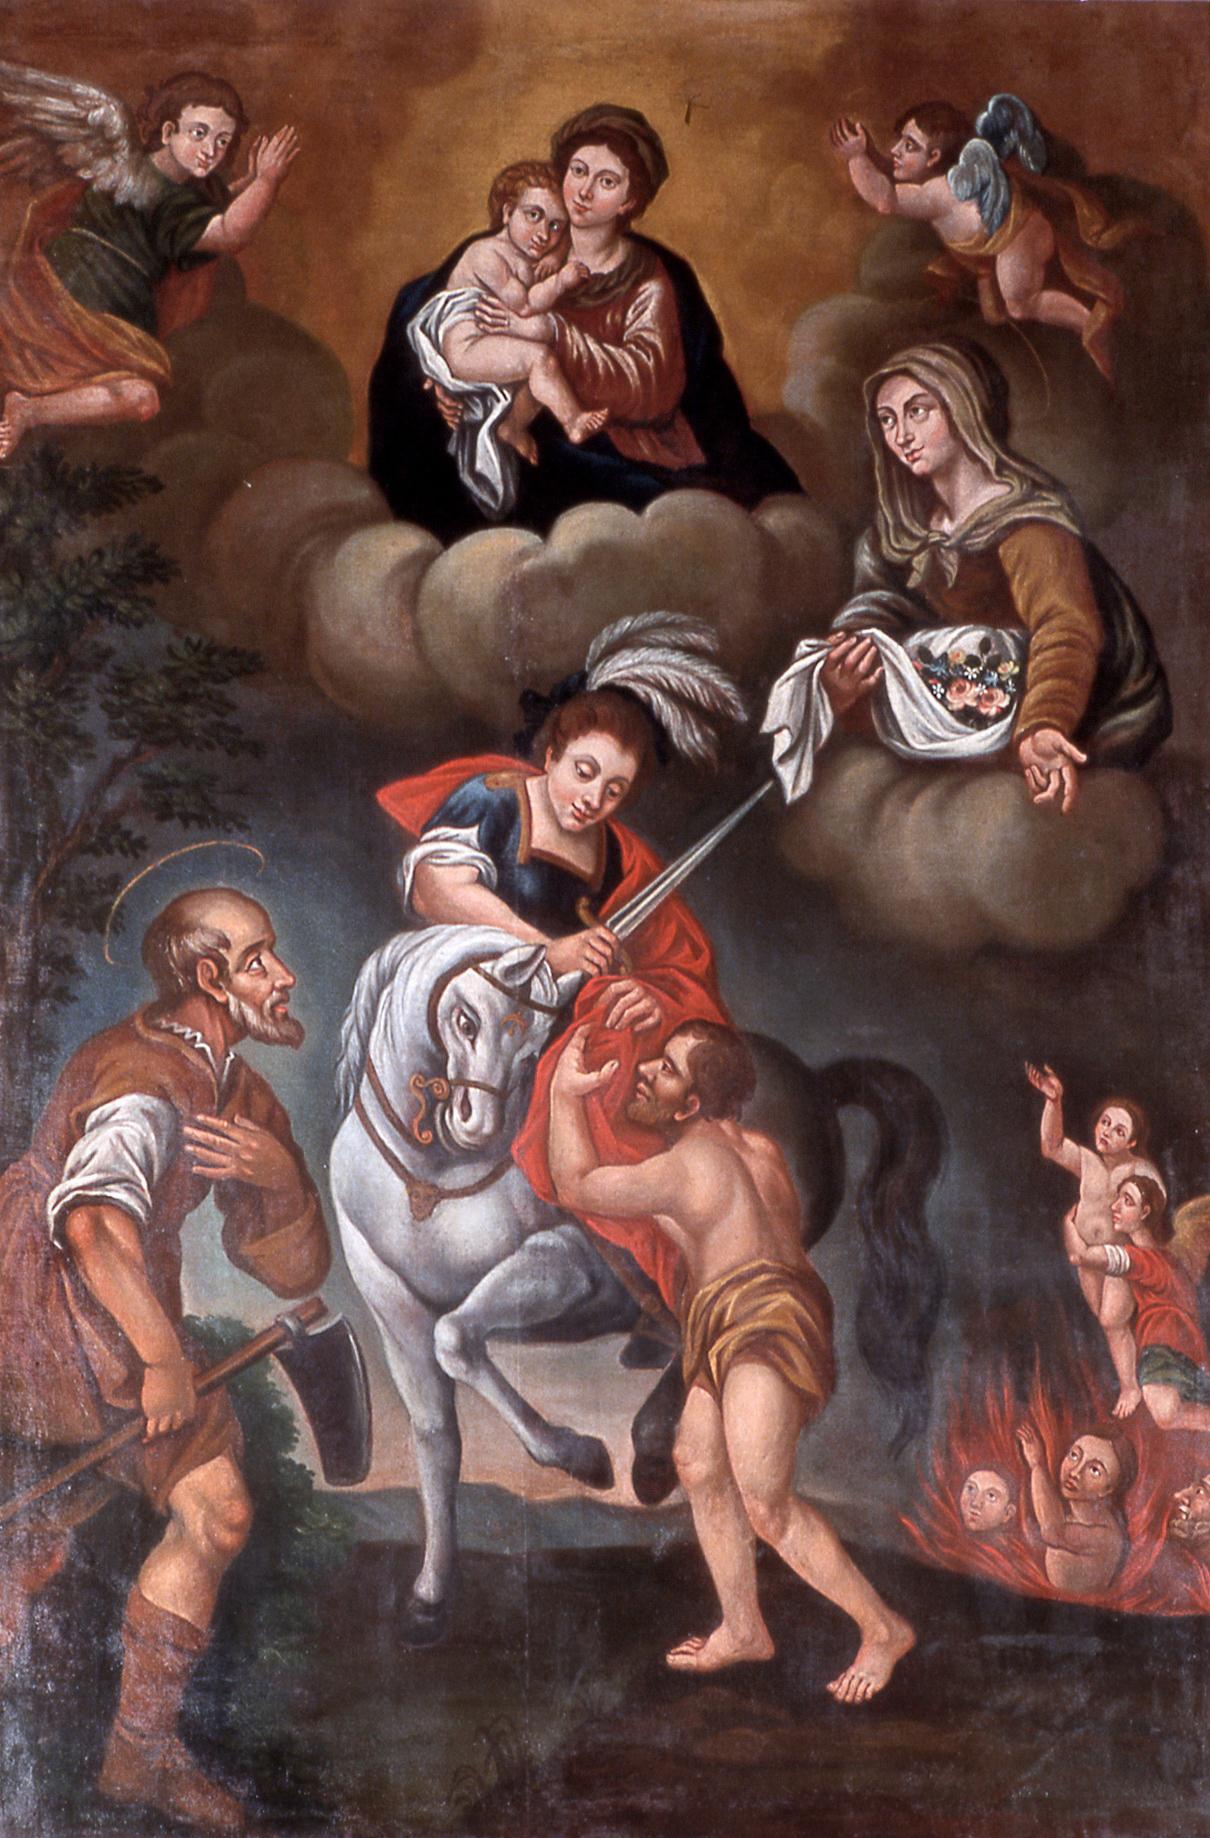 Le tableau d'autel des vignerons de Terranova : La charité de Saint Martin, entouré de Sainte Zita de Lucques, patronne des jardiniers, et de Saint Isidore de Madrid, le laboureur. Peint par Anton Benedetto Rostino (1750-1821). Eglise Sainte-Marie.